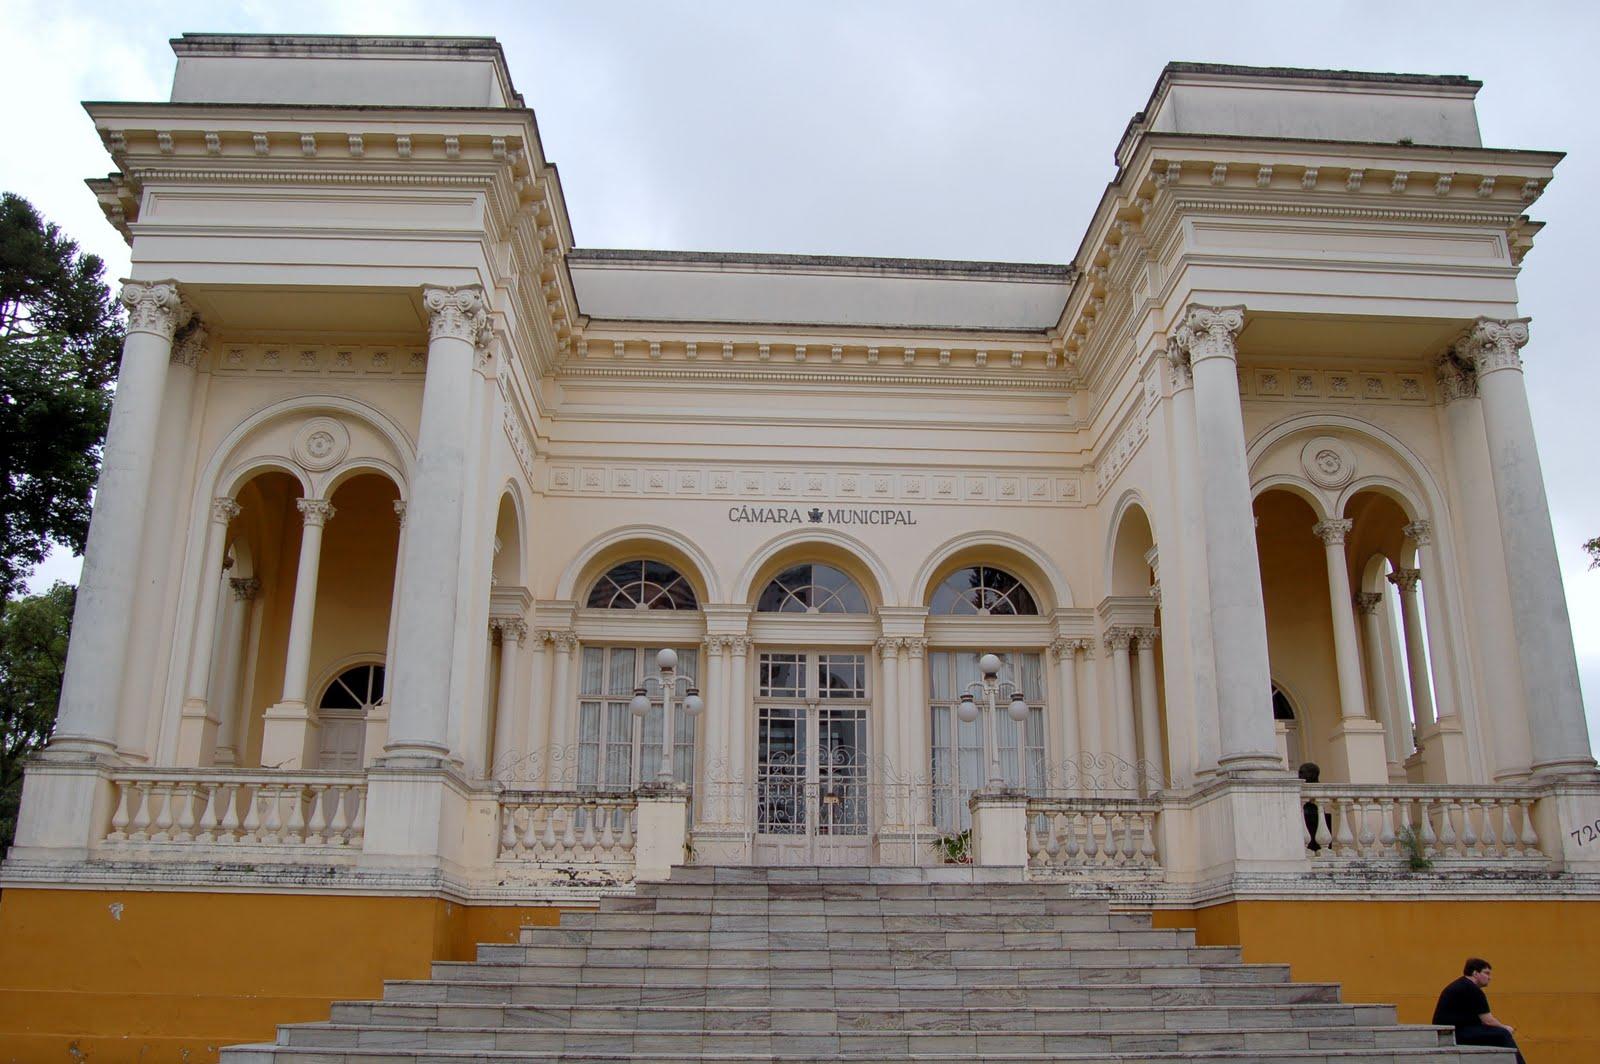 Camara Municiapl de Curitiba